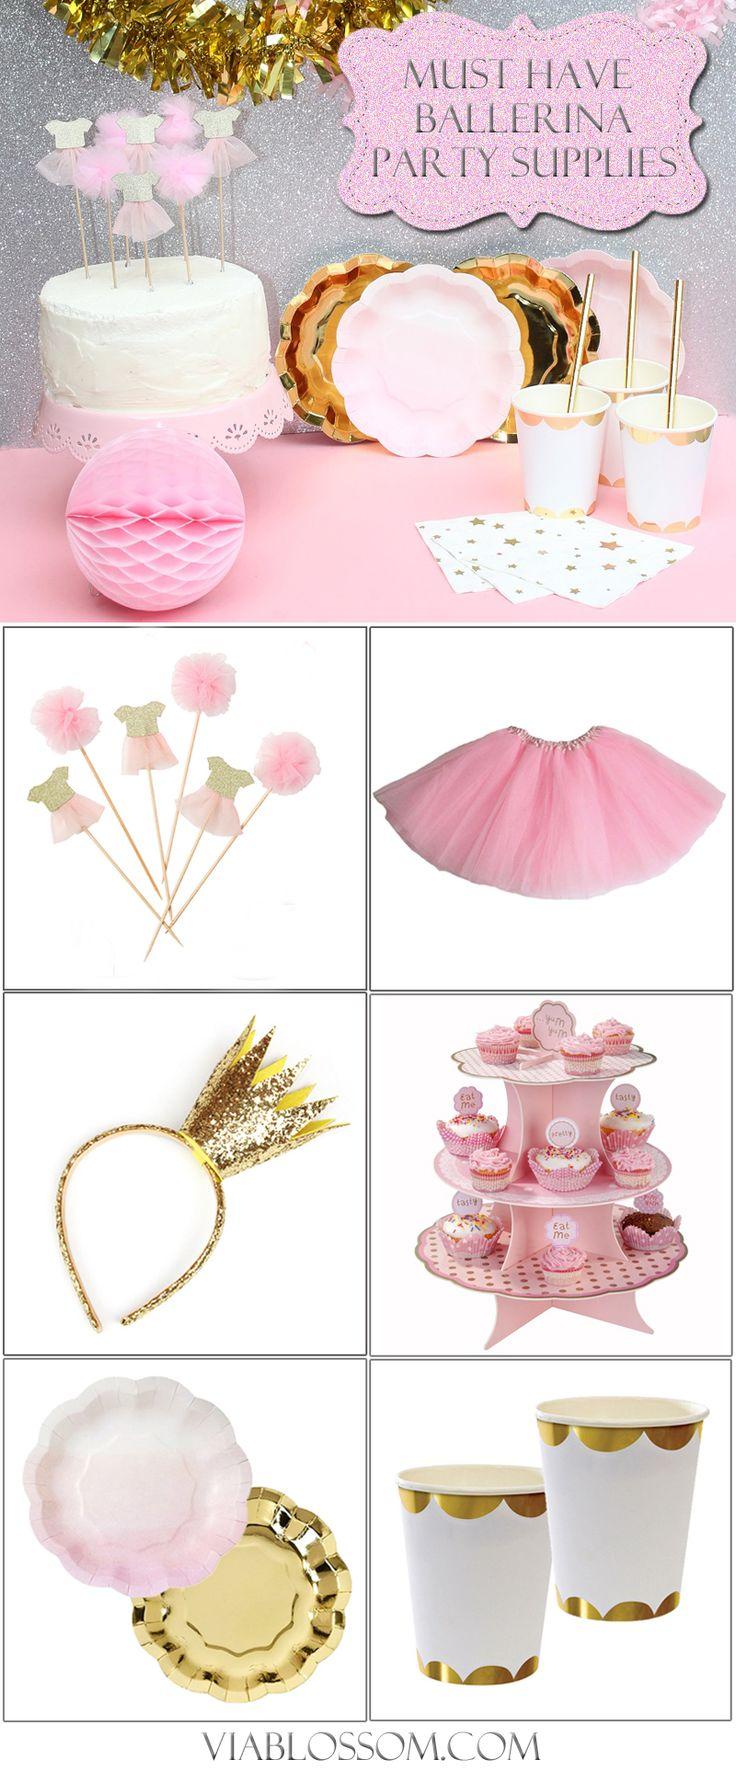 Best 25+ Ballerina party supplies ideas on Pinterest | Ballerina ...